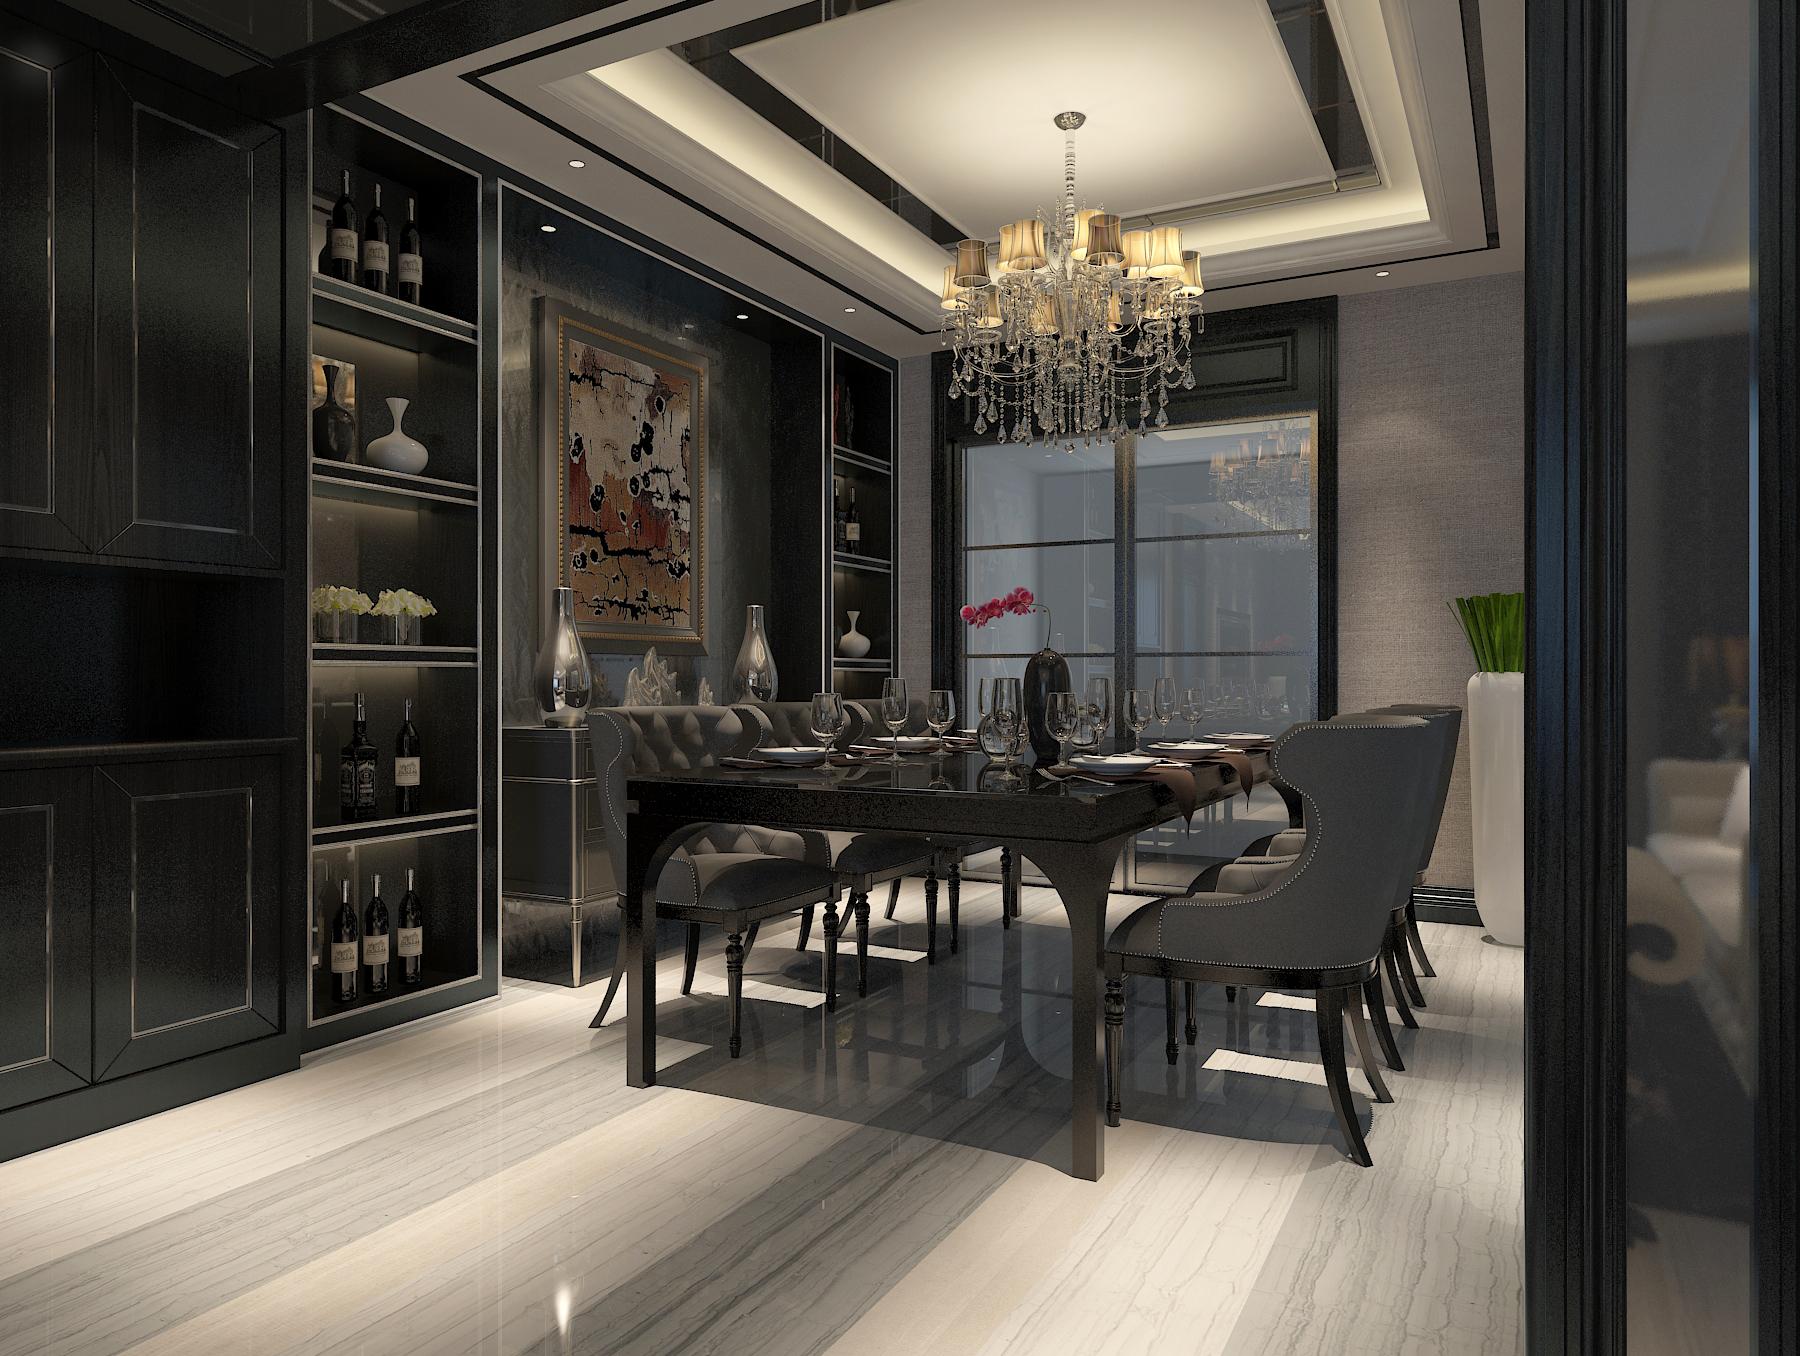 简约 欧式 混搭 三居 小资 餐厅图片来自白翔宇-易百装饰在后现代混搭的分享